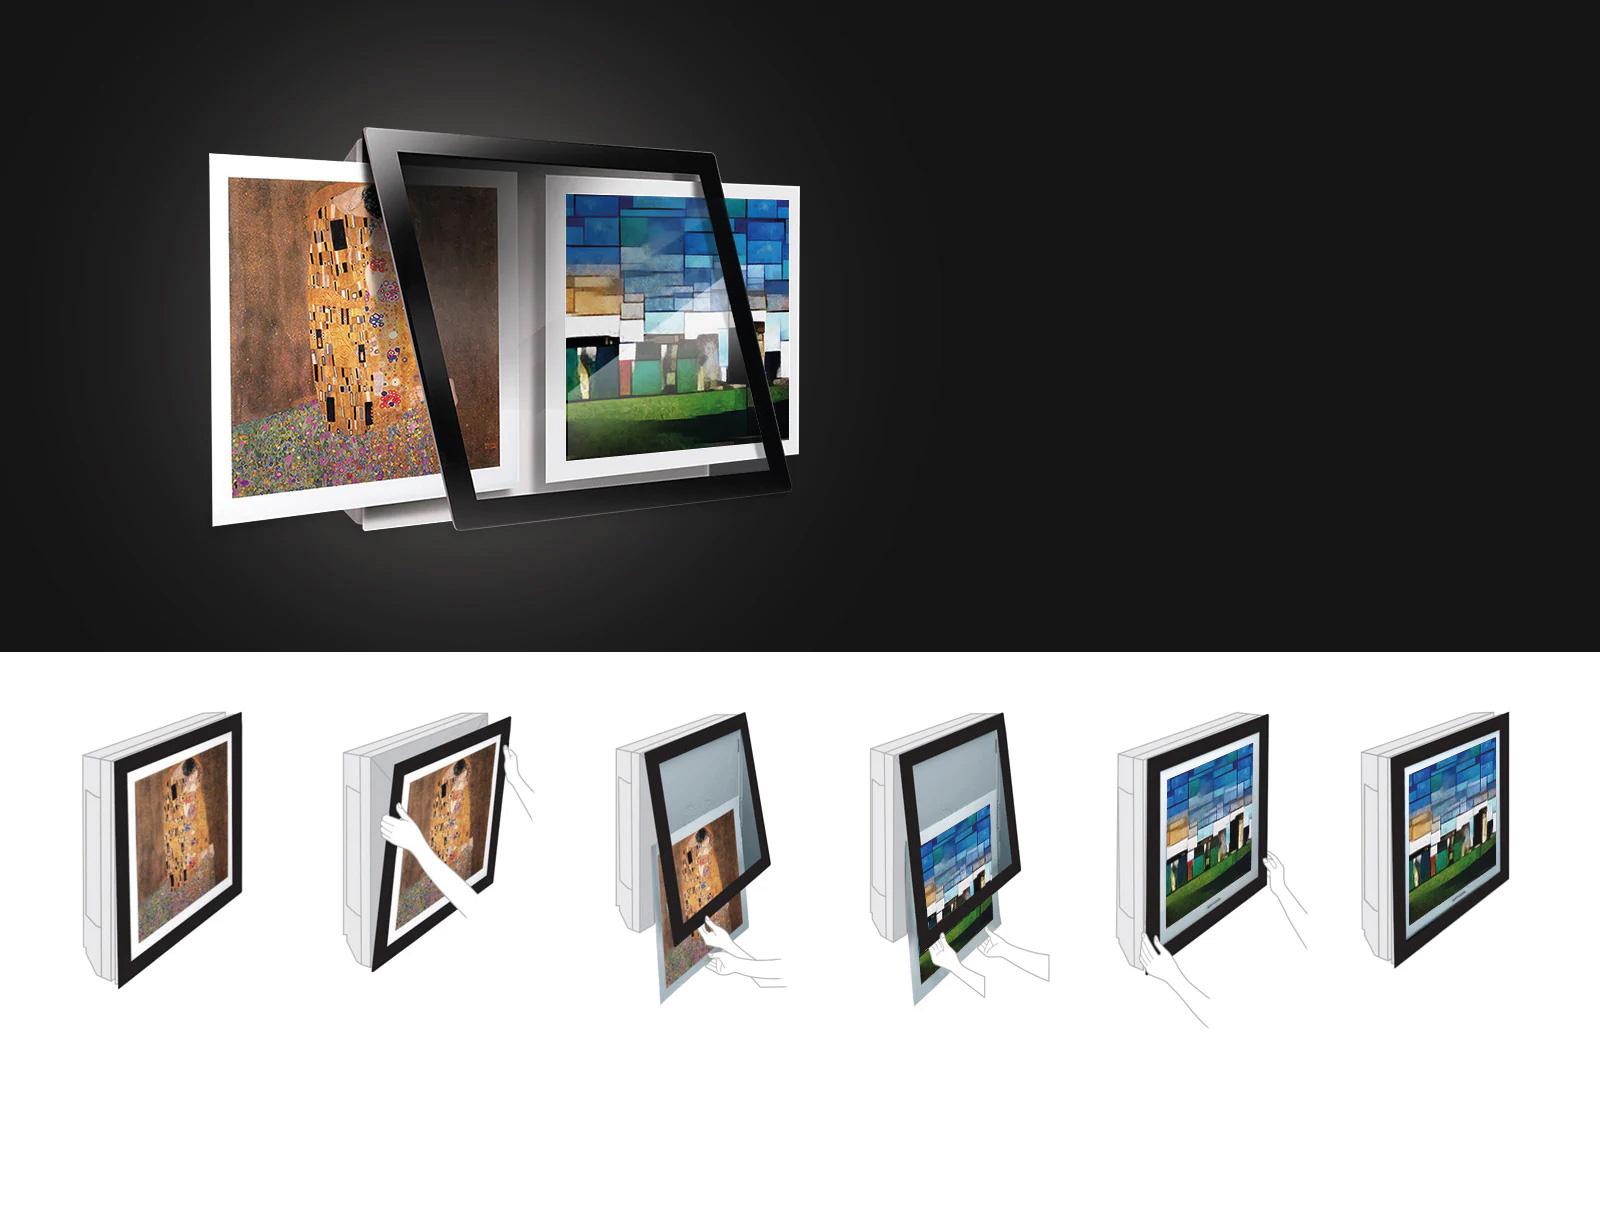 clima-artcool-gallery-style-lg-artcool-gallery-style-lg-impianti-aria-condizionata-lugano-chiasso-locarno-bellinzona-mendrisio-ticino-climalux